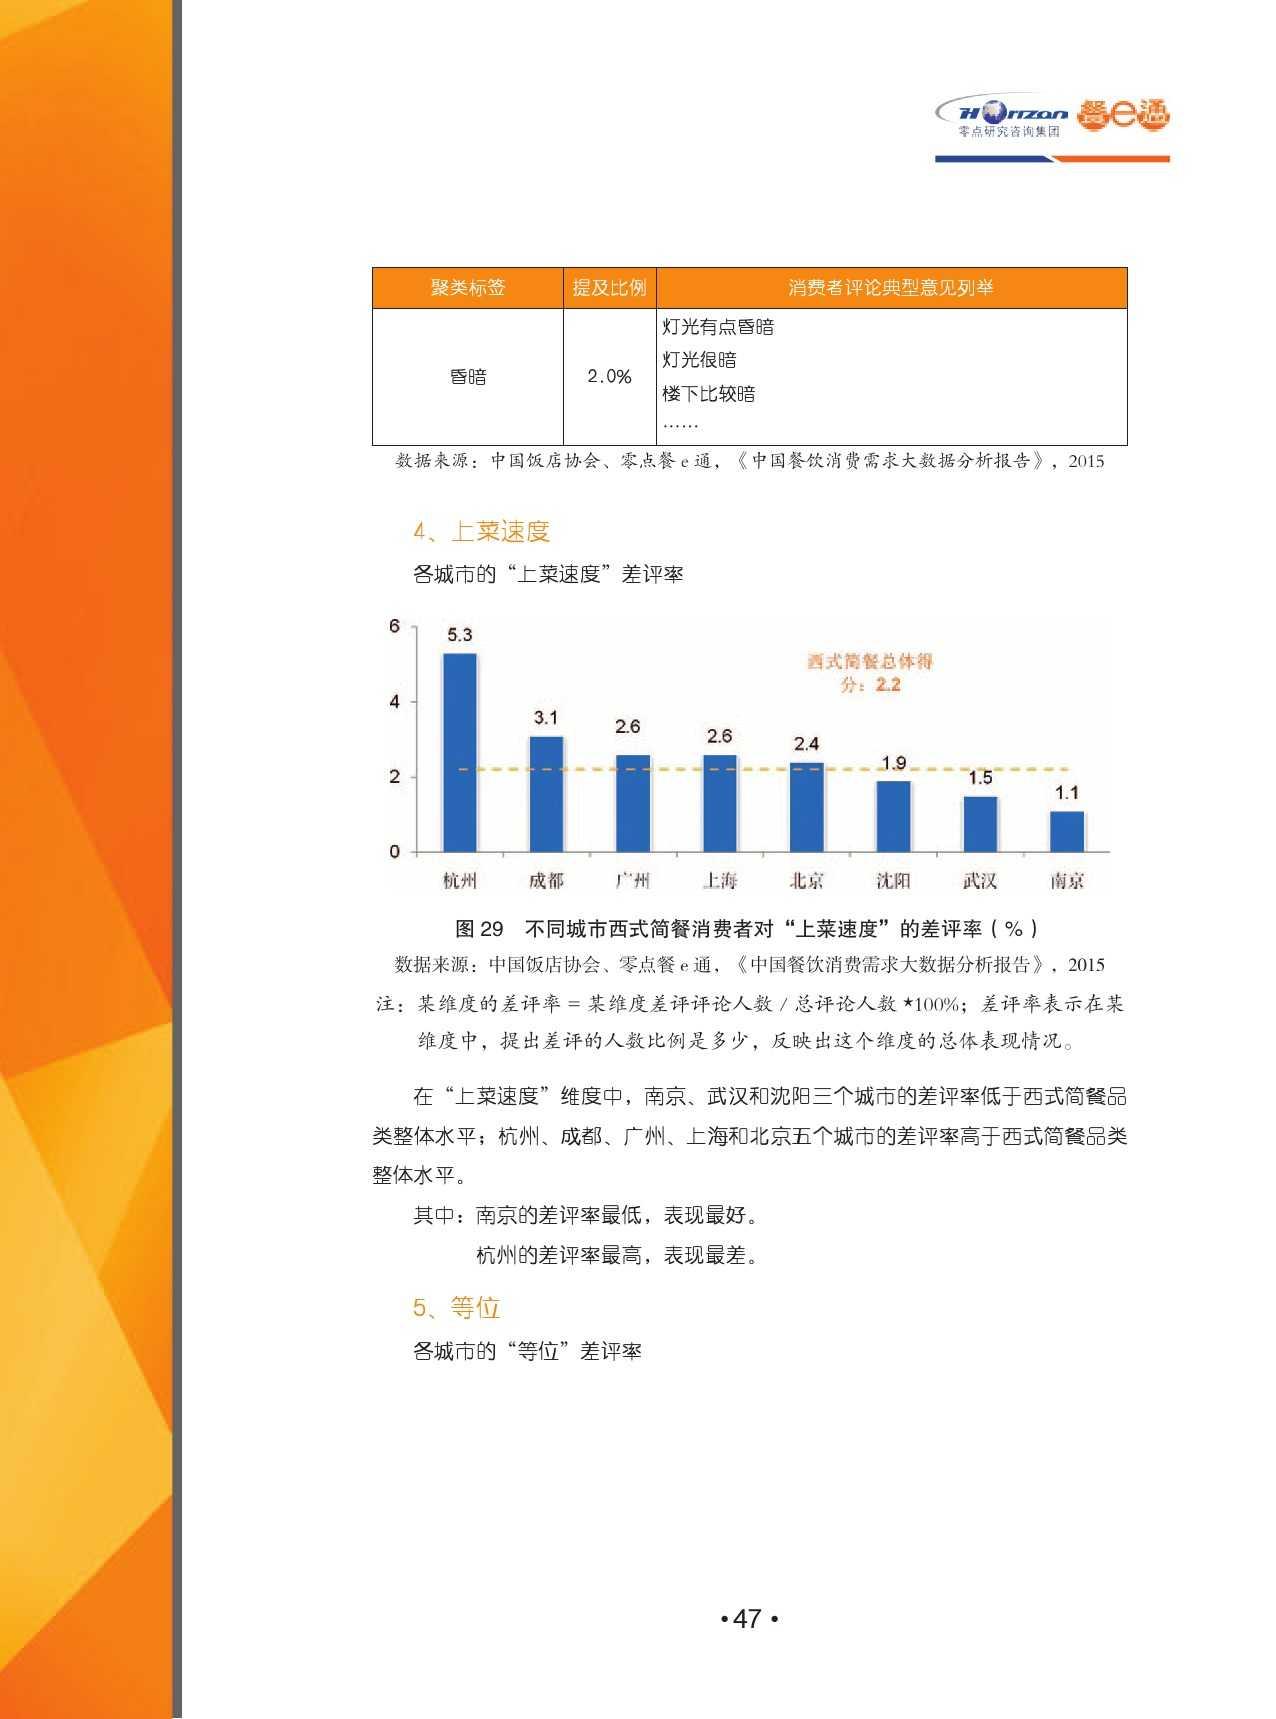 2015中国餐饮消费需求大数据分析报告_000049